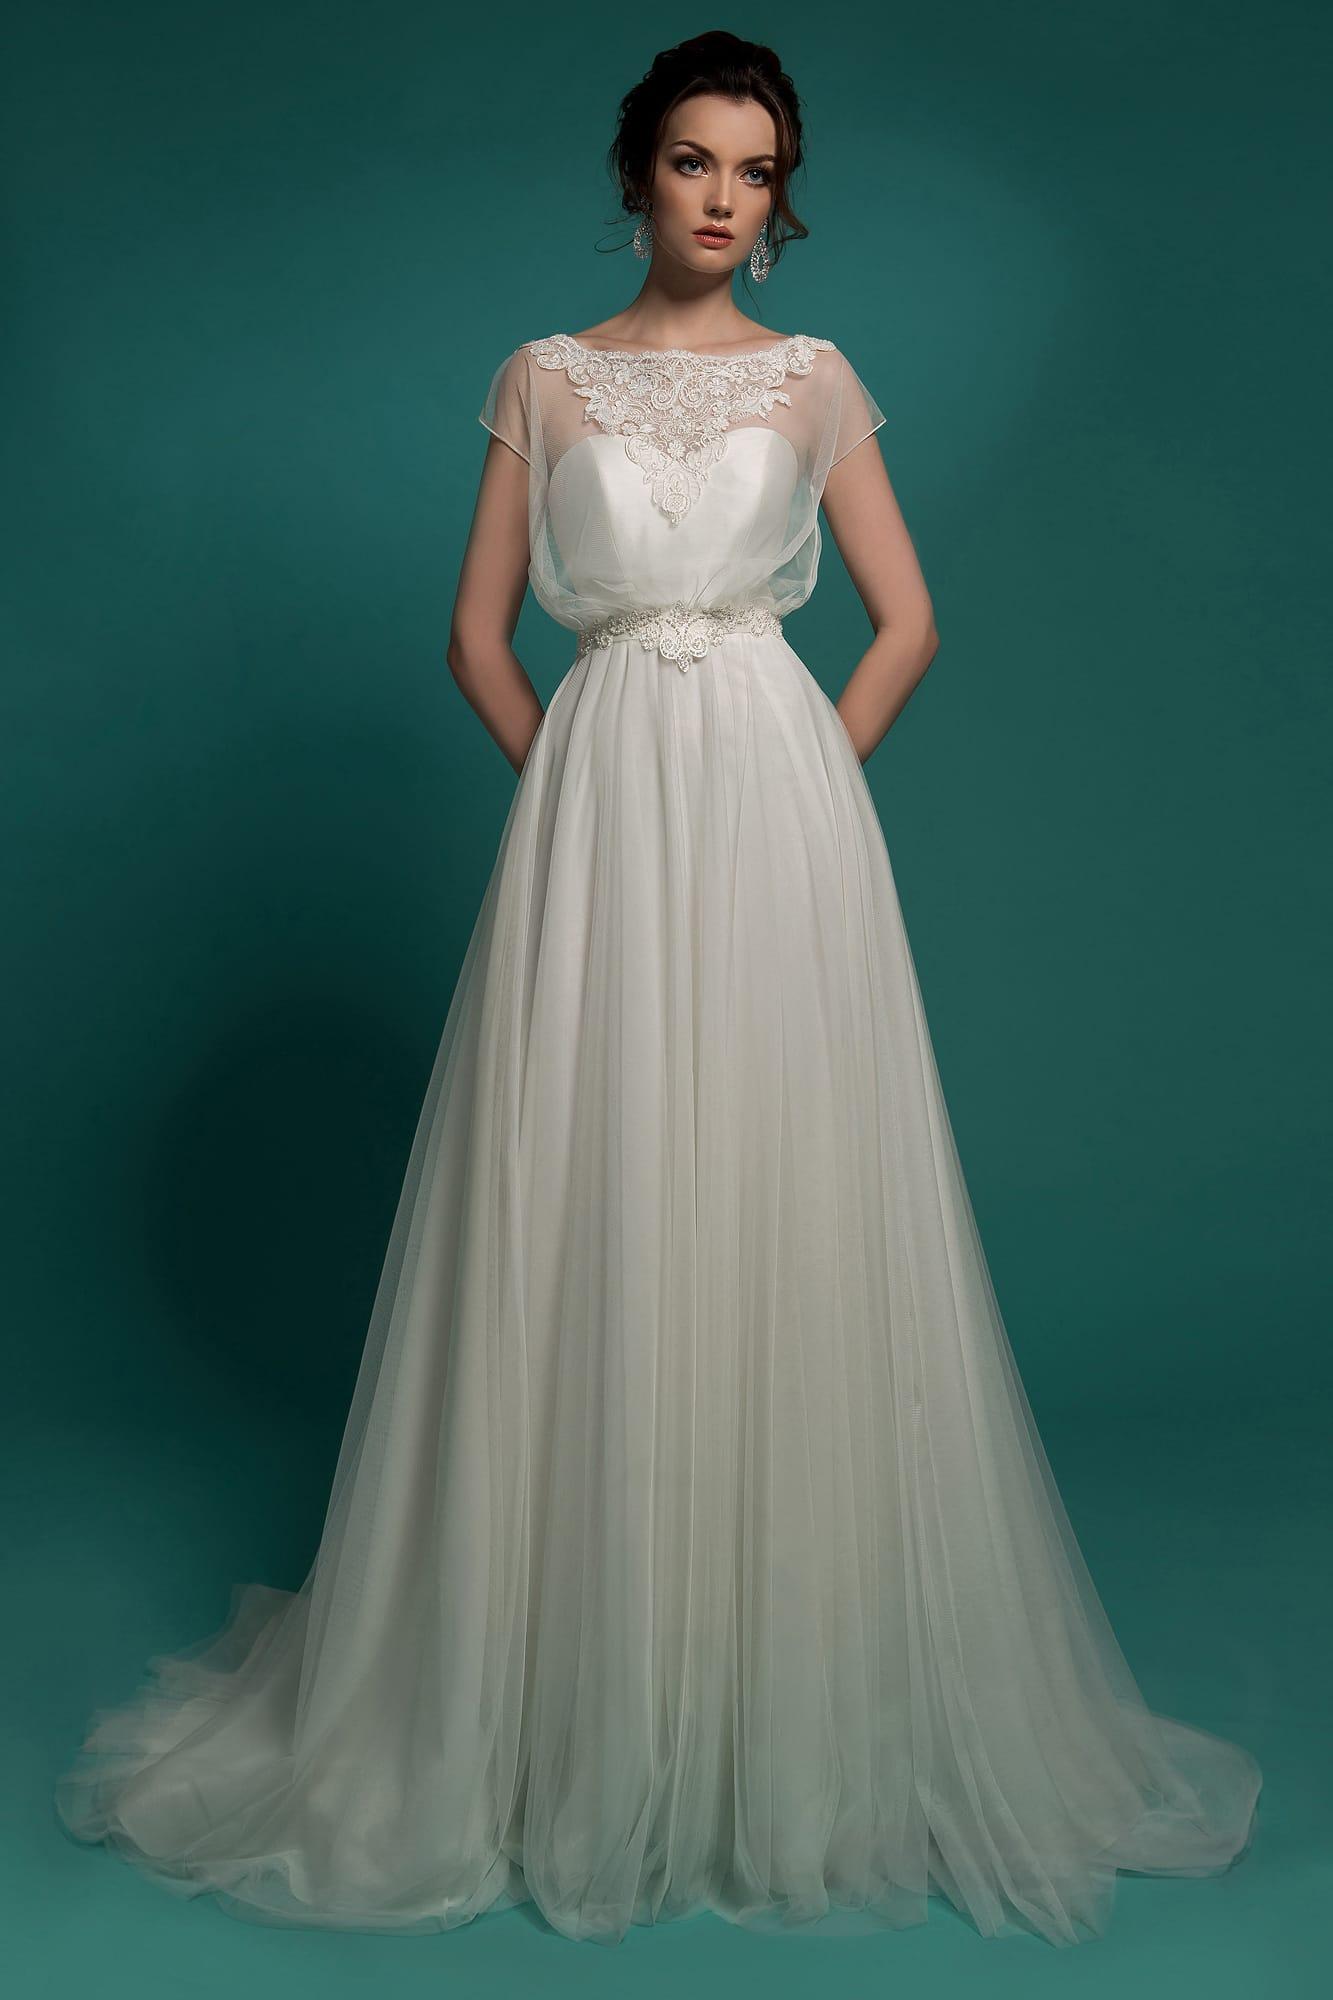 6df704fe750 Очаровательное свадебное платье пышного кроя с полупрозрачной отделкой  верха с округлым вырезом.